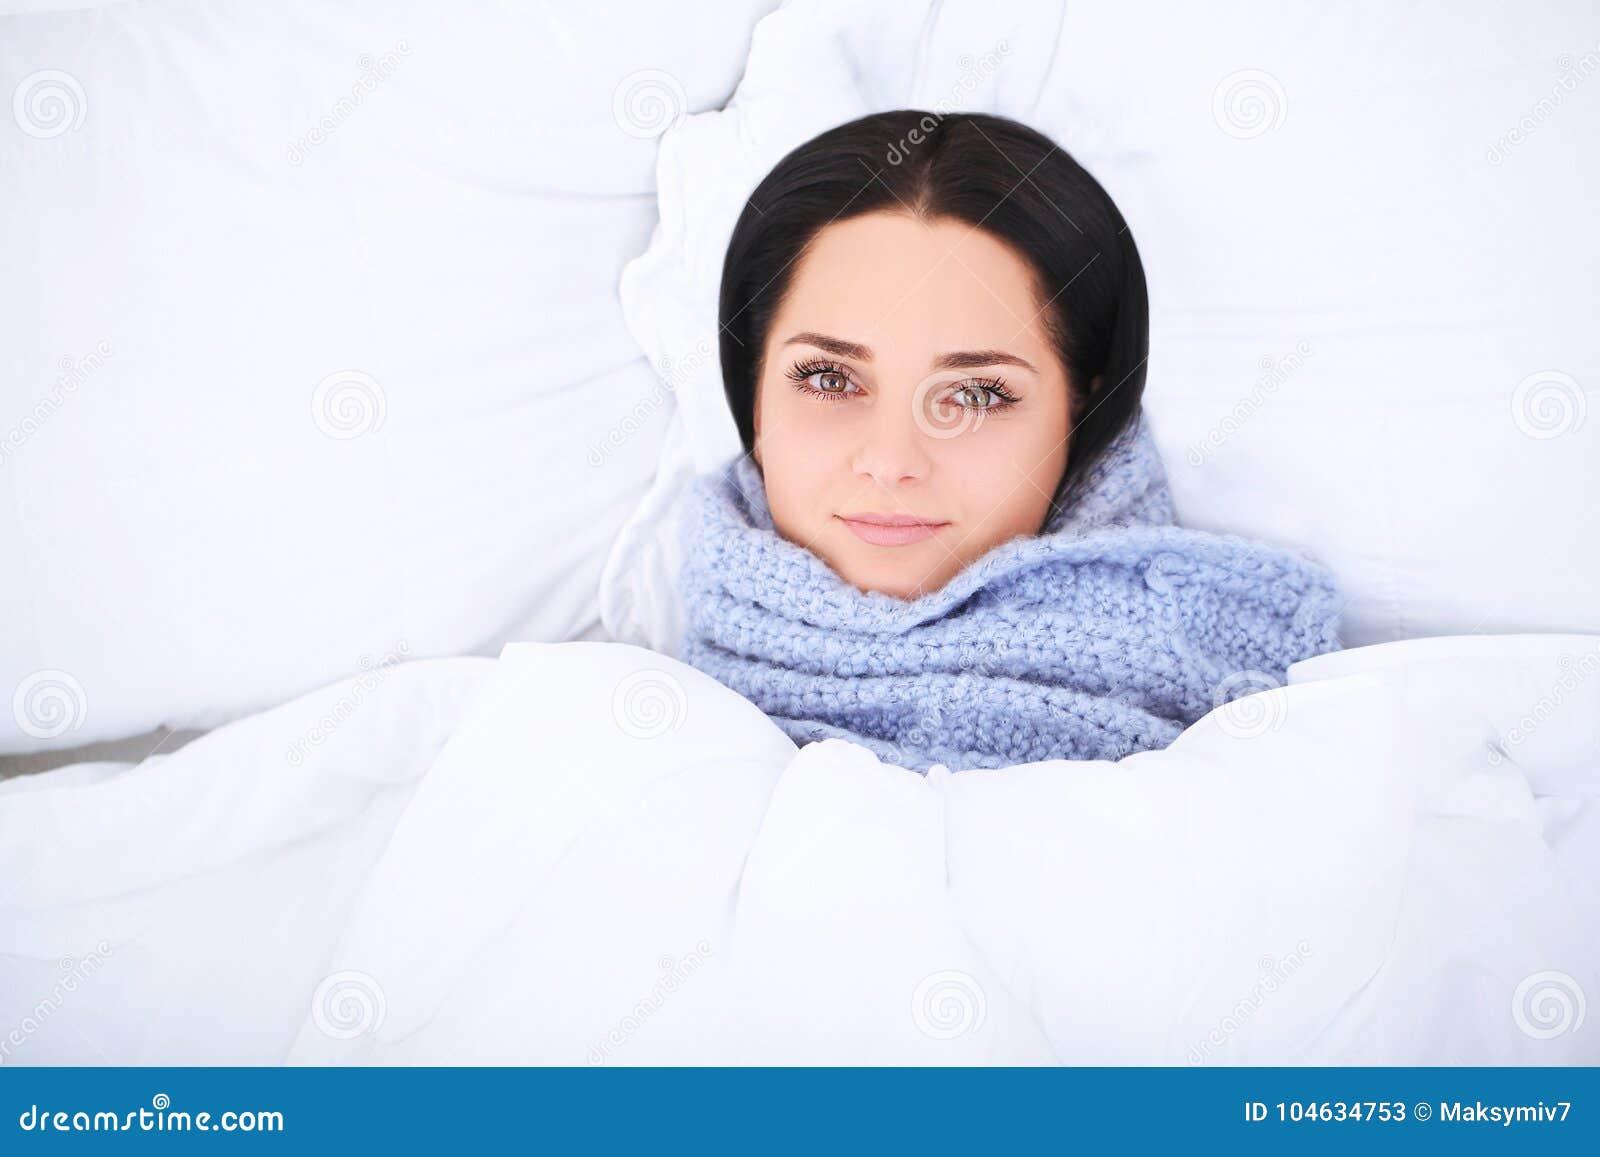 Download Het Mooie Vrouwen Liggen En Slaap Op Het Sneeuwbed Stock Afbeelding - Afbeelding bestaande uit nacht, kaukasisch: 104634753